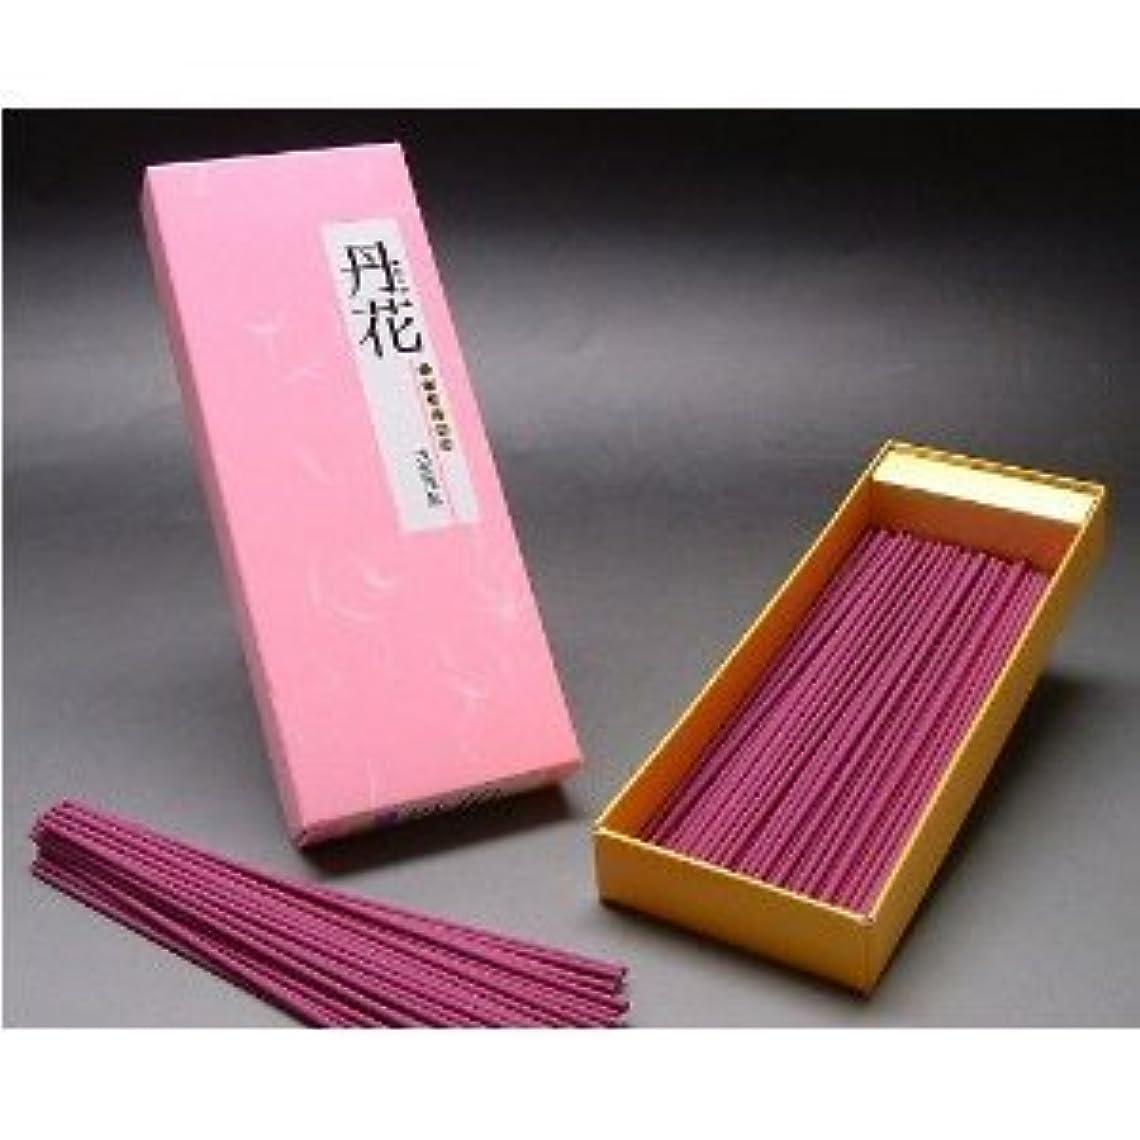 息切れ貸し手背が高い大発のお線香 梅丹花(ピンク箱) TP-2